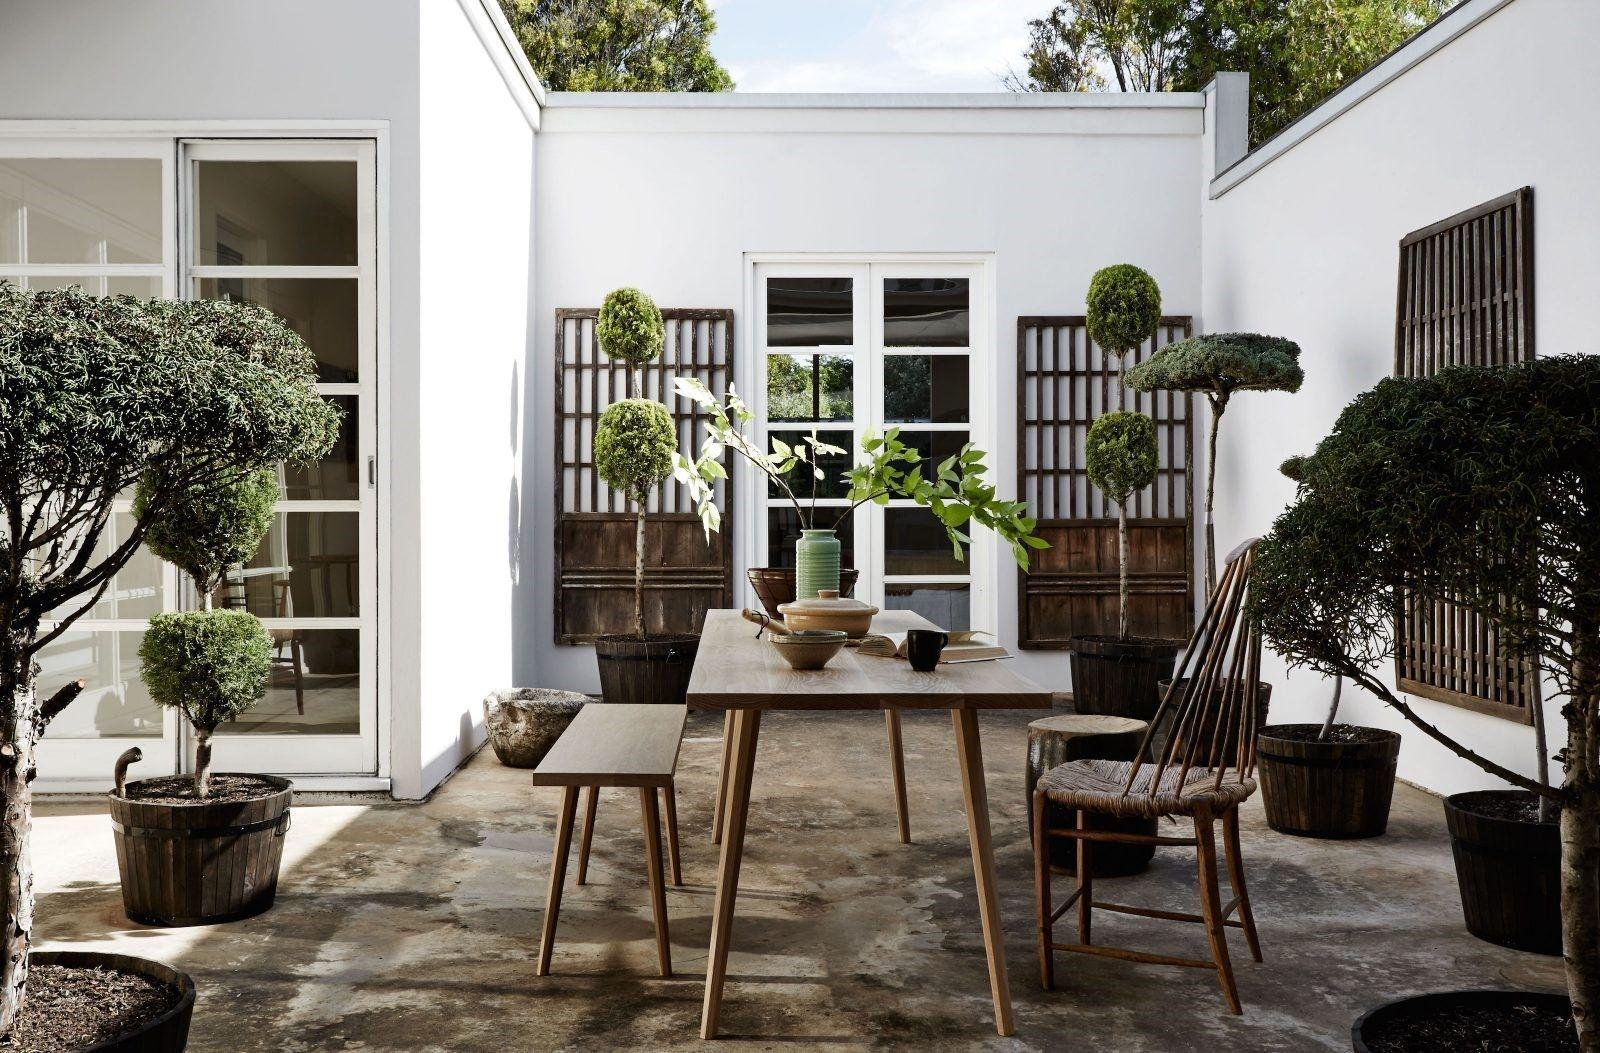 Tendencias de estilo de decoración de interiores, terraza de estilo Kinfolk @Utrillanais